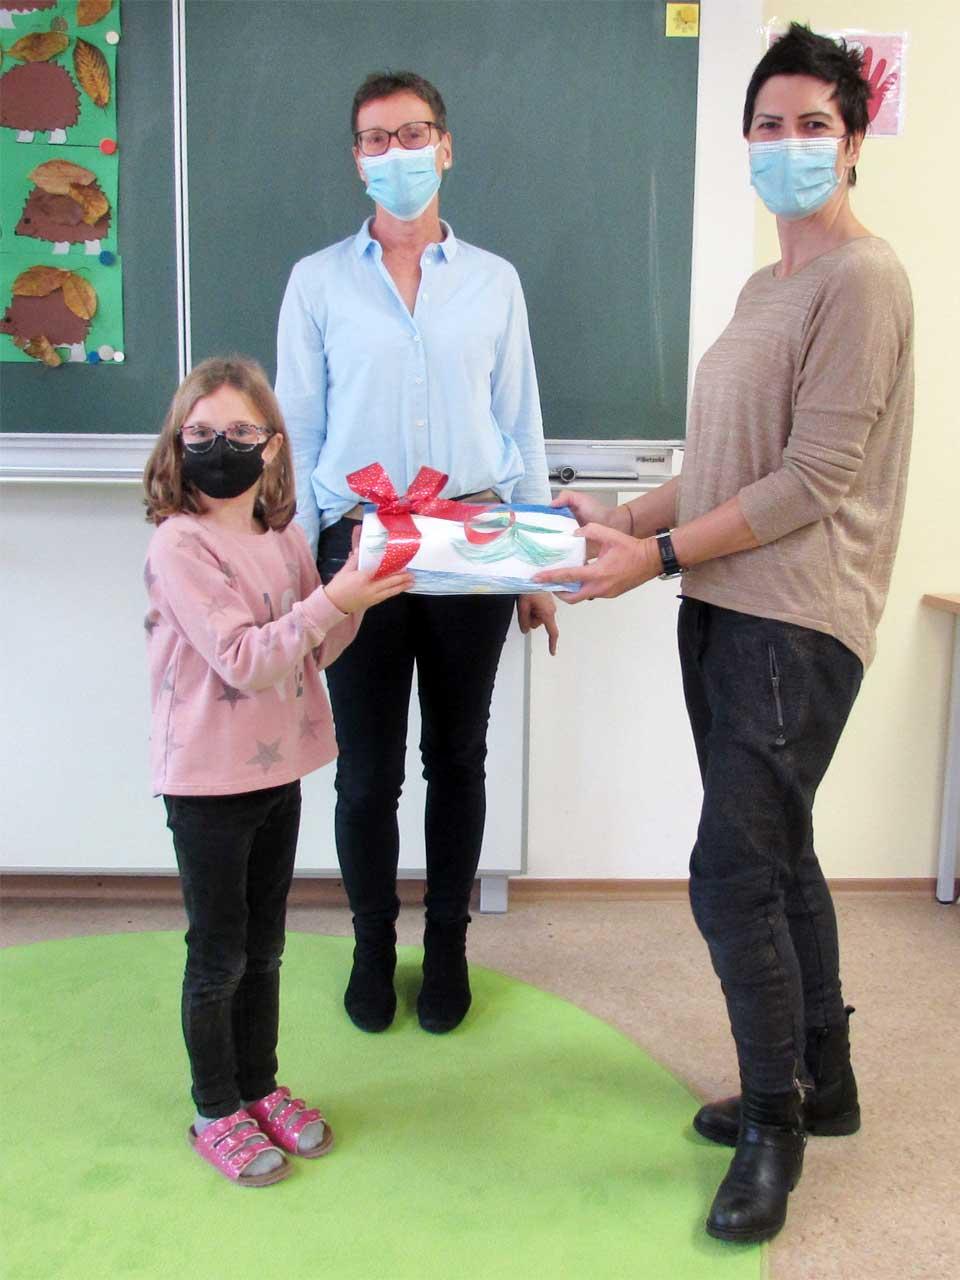 Grundschule Schiltberg Übergabe Karten